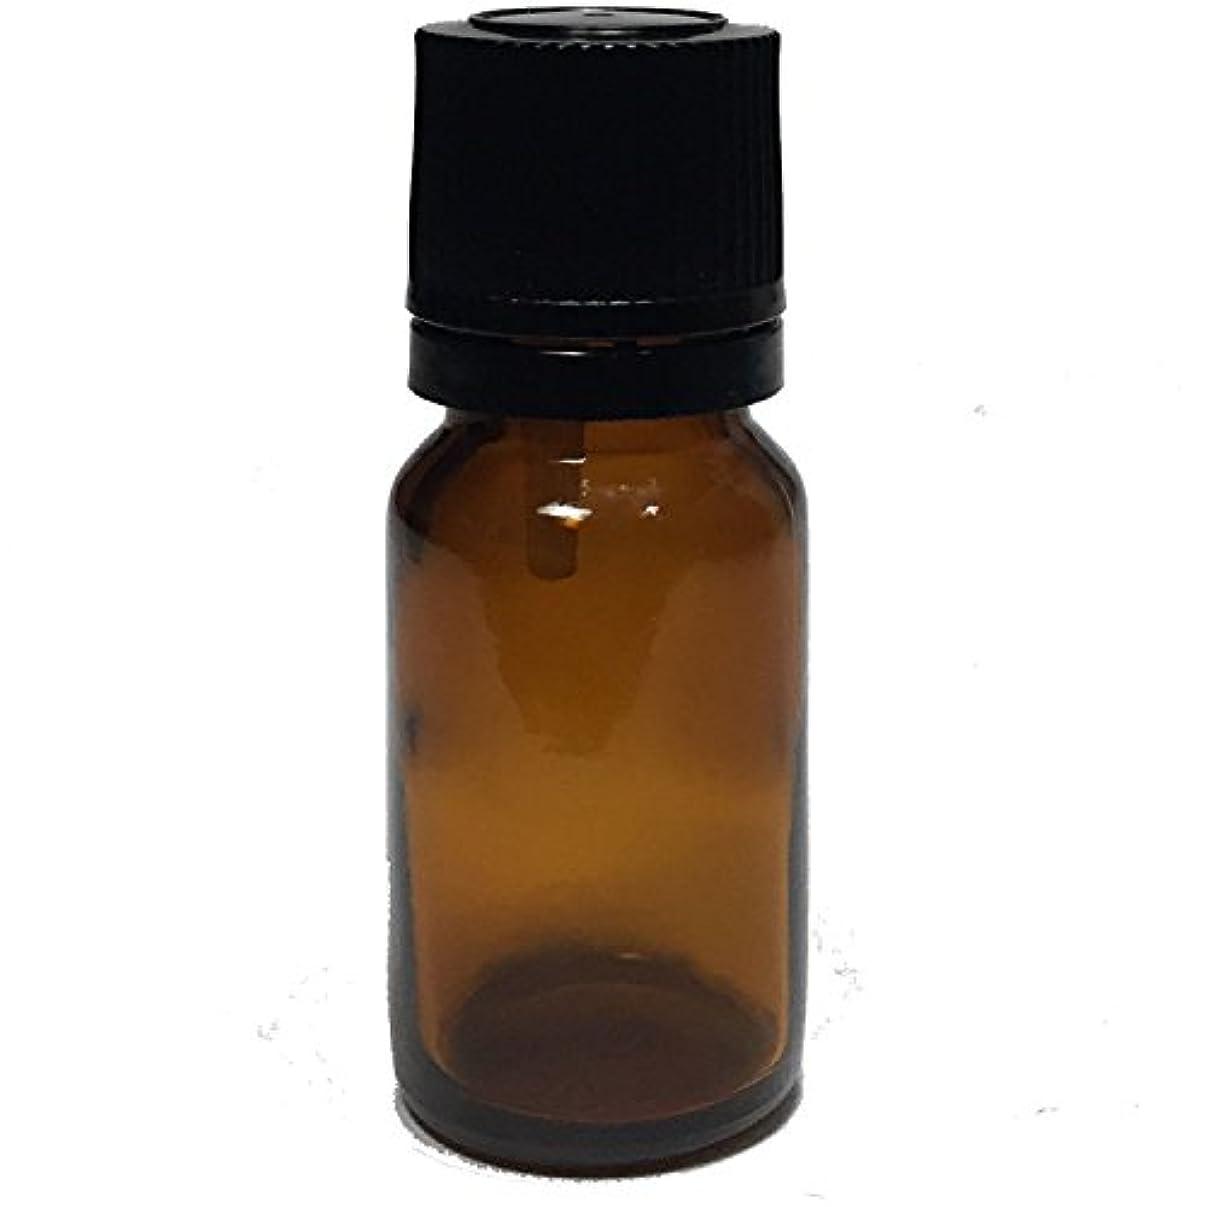 入浴特権的累積エッセンシャルオイル用茶色遮光瓶 ドロッパー付き 黒キャップ 10ml ガラスビン 10本セット